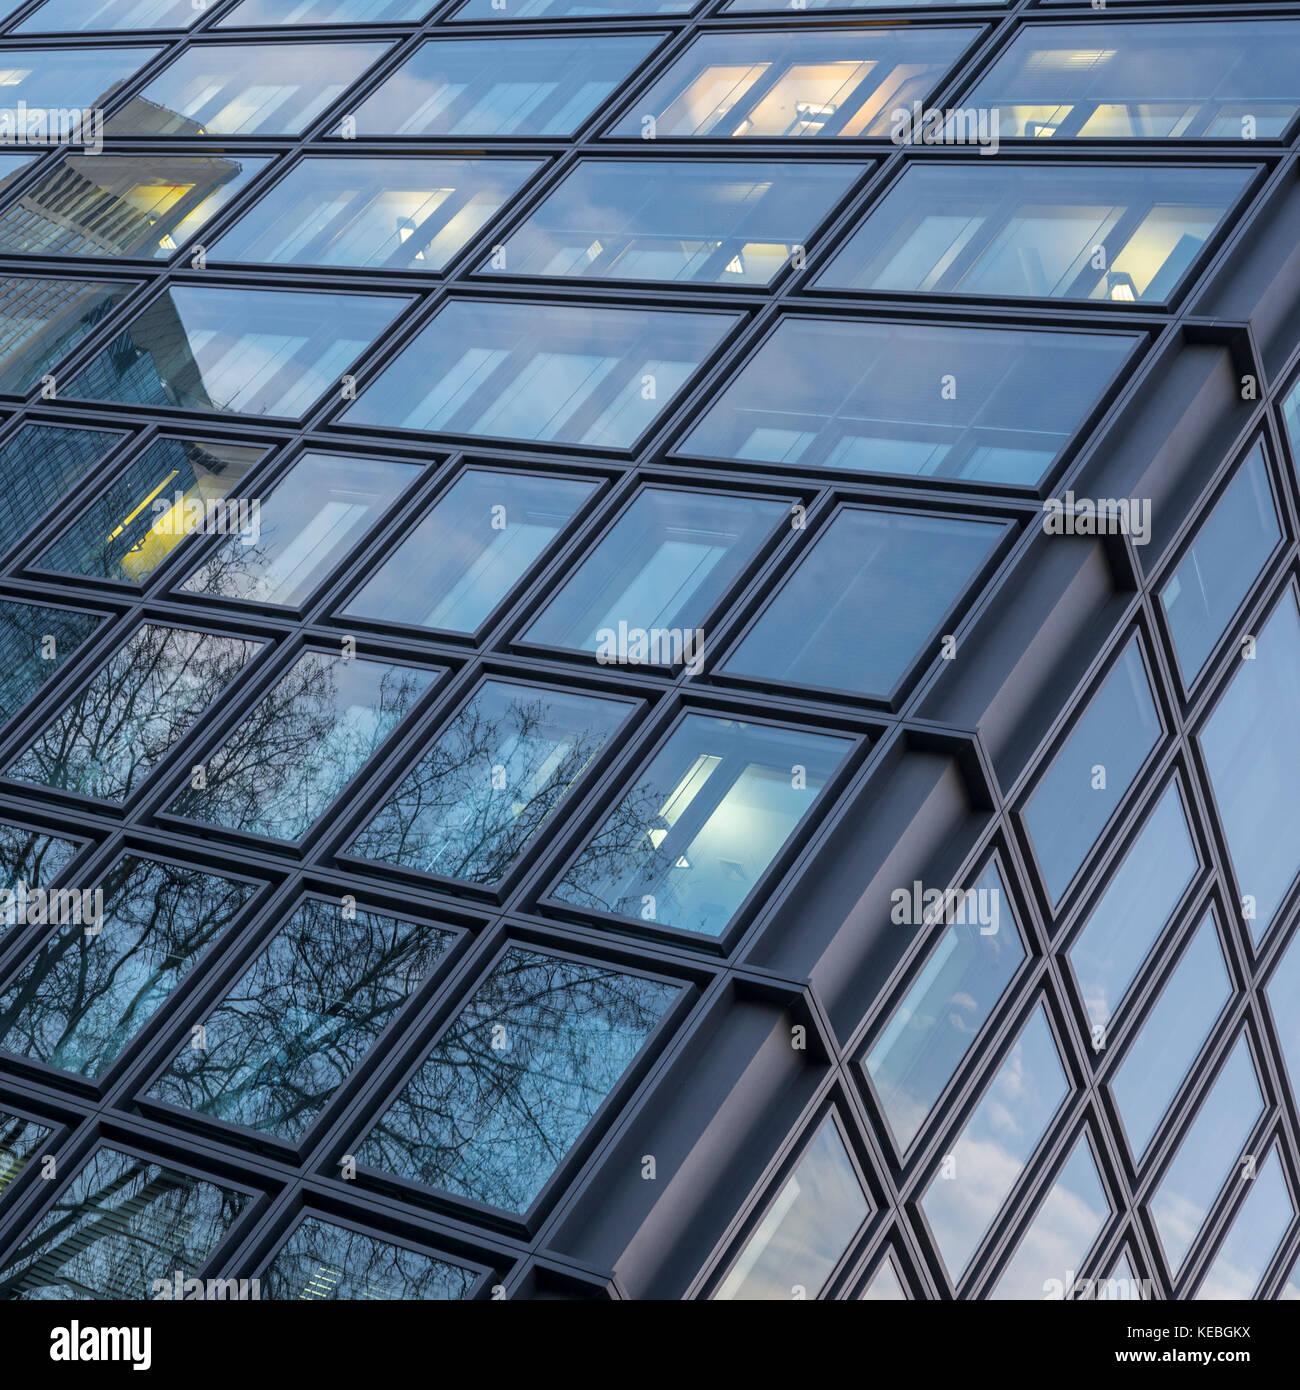 Abstrakte Fassade eines modernen Bürogebäudes Stockbild